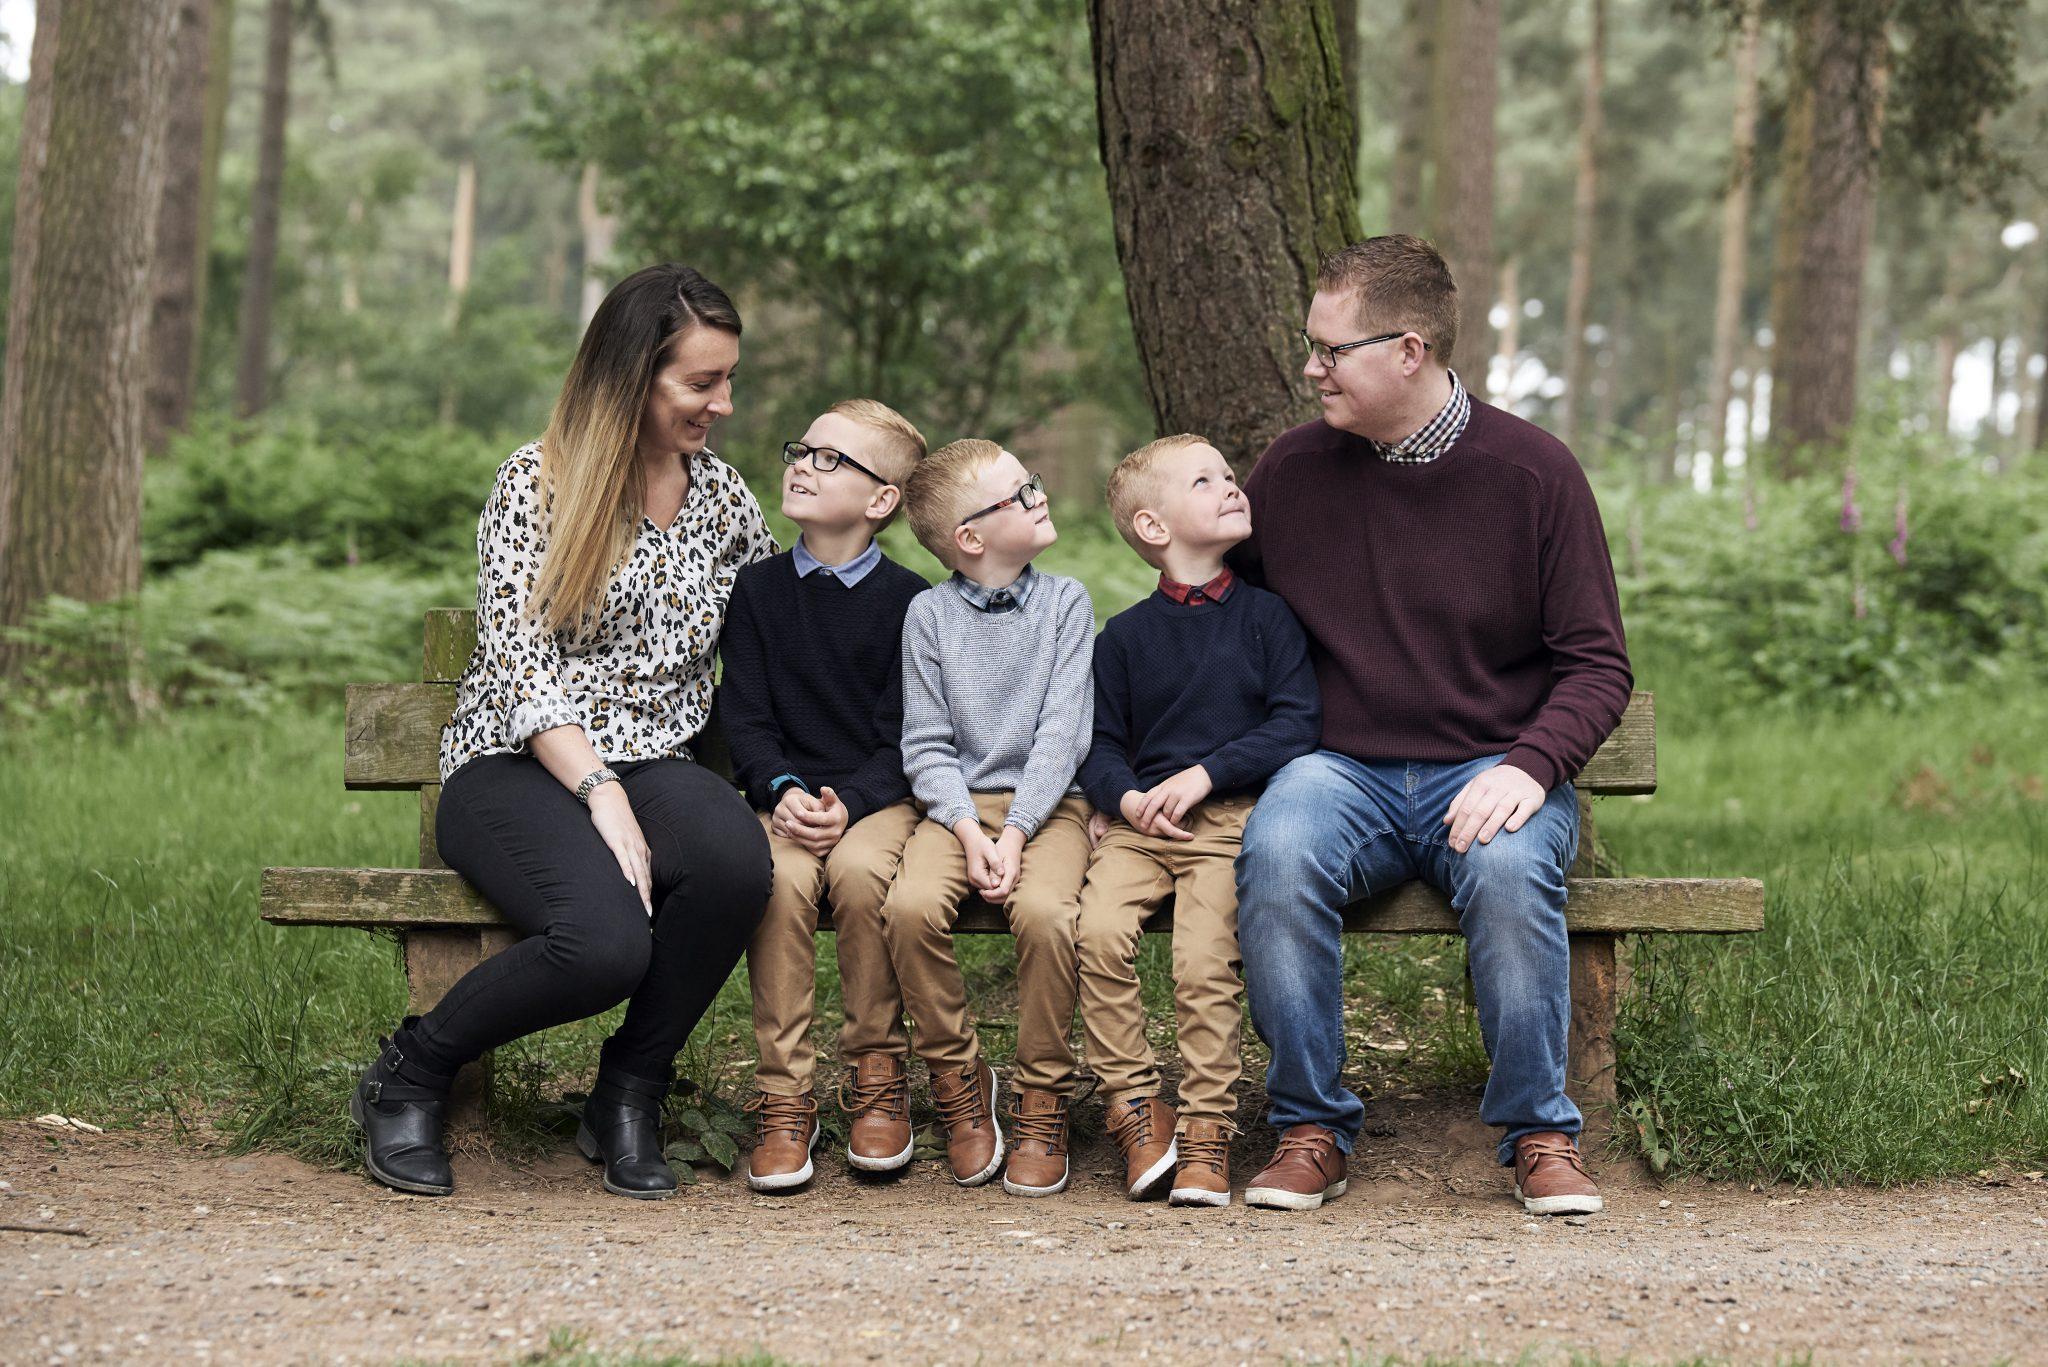 Family Outdoor Photoshoot - Tony Hailstone Video & Photography